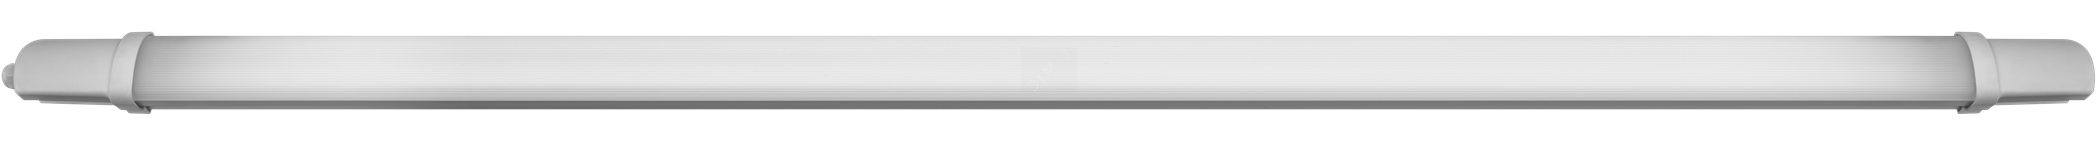 Светильник ЛСП 1500 мм - промышленный I65